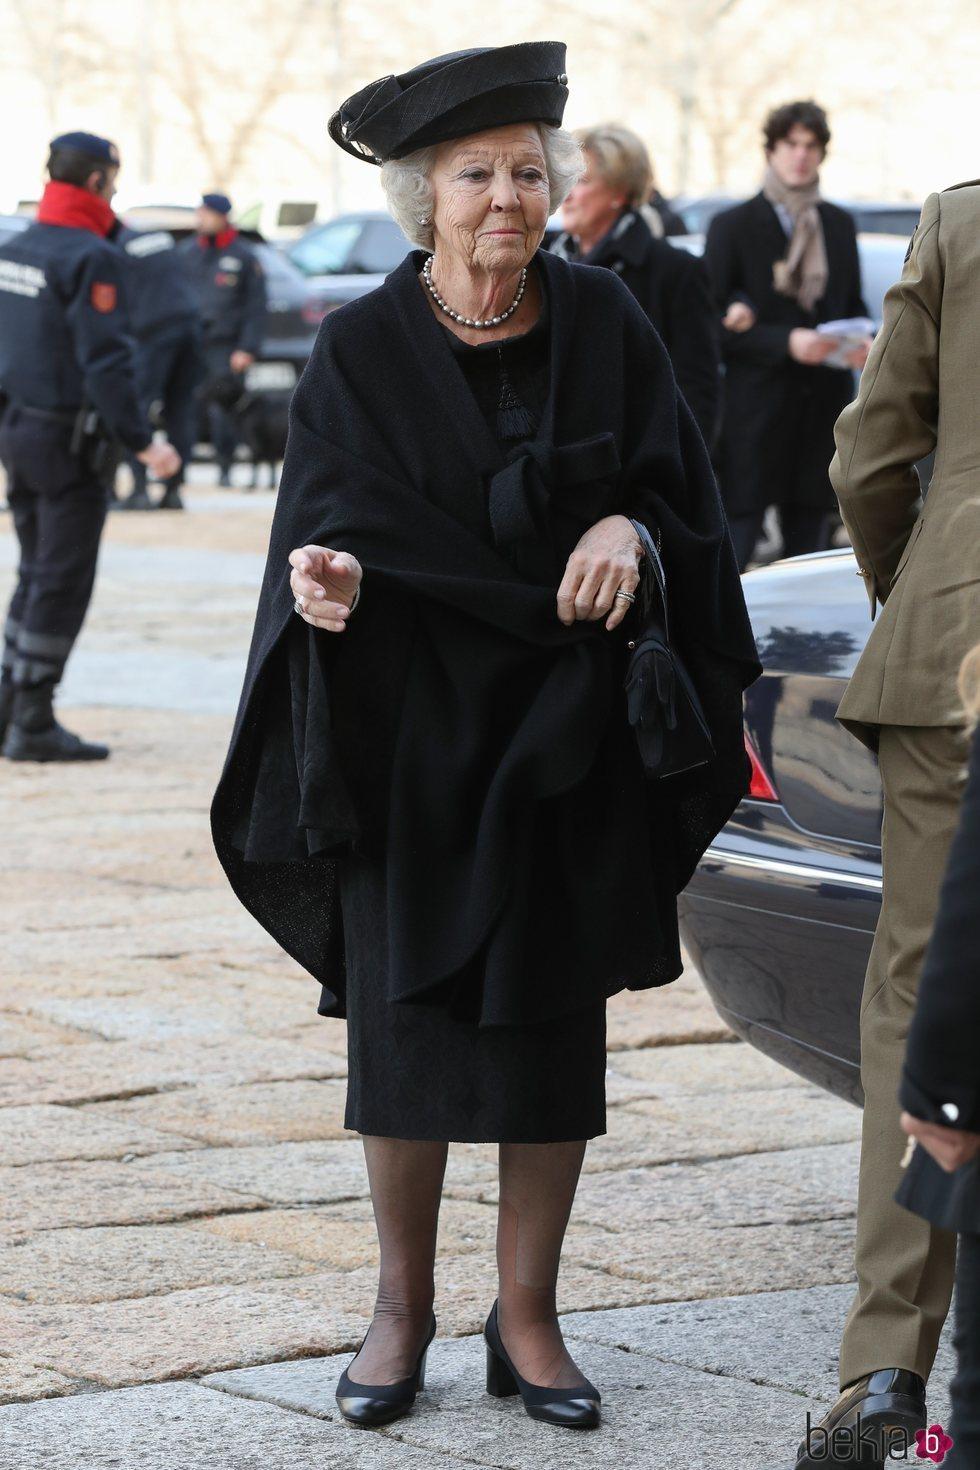 La Princesa Beatriz de Holanda asiste al funeral de la Infanta Pilar en El Escorial